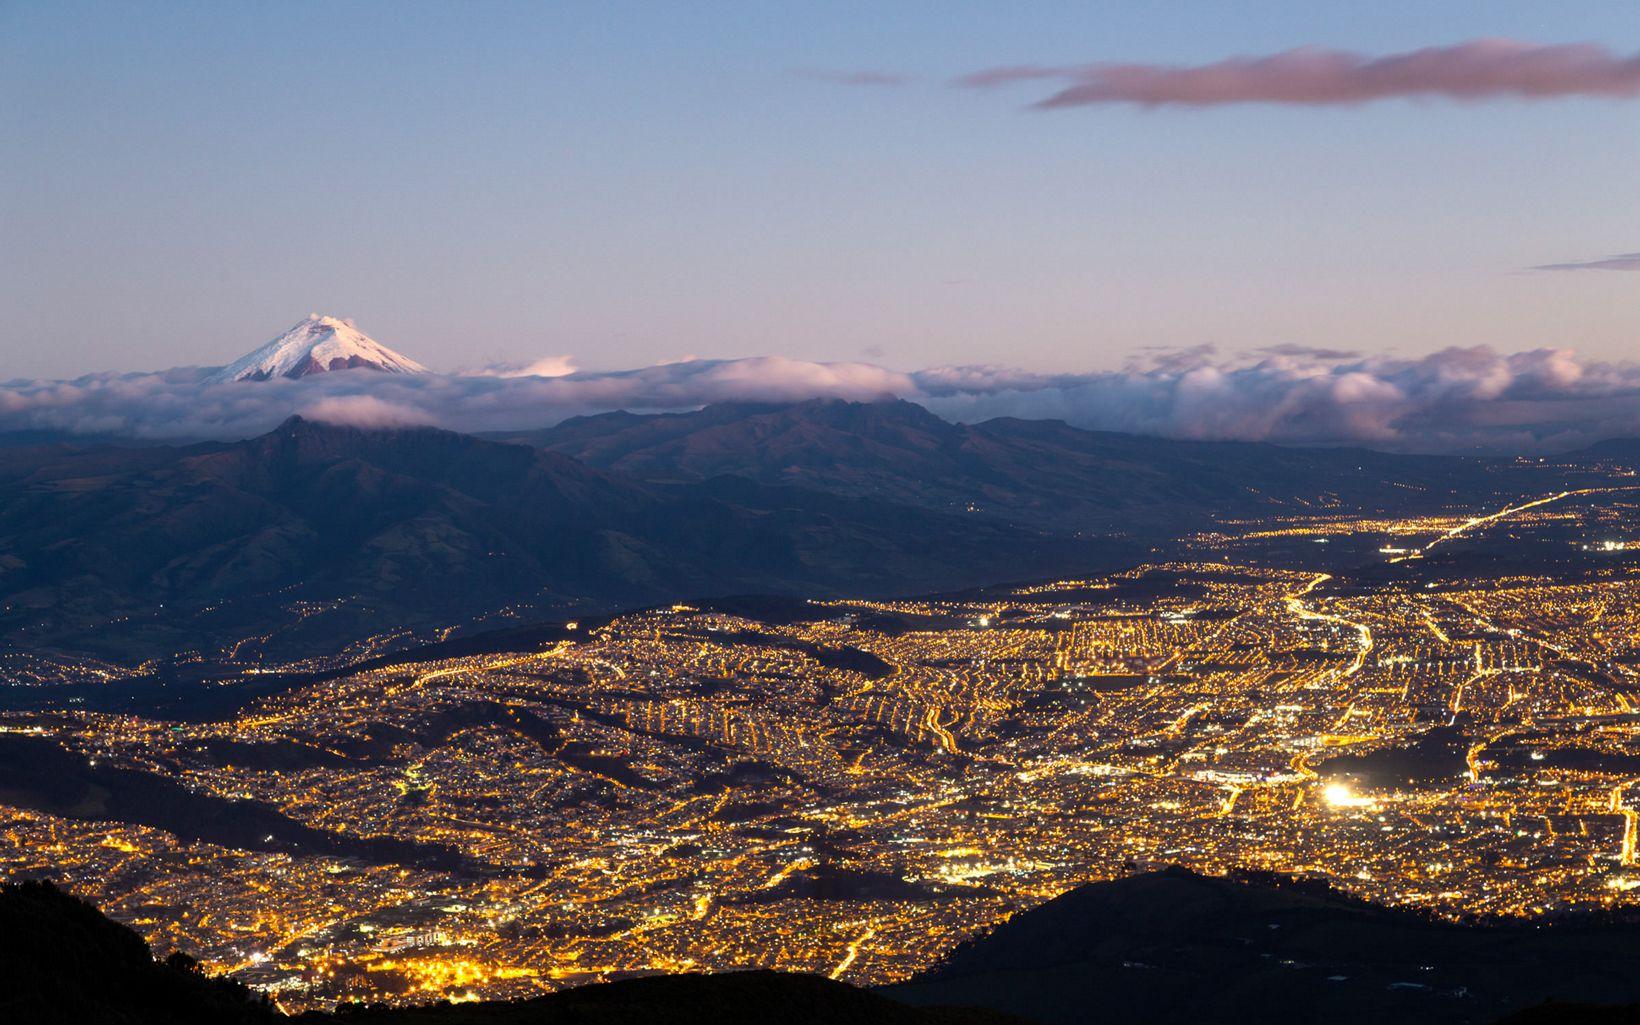 La ciudad de Quito. El atardecer ilumina al volcán  Cotopaxi